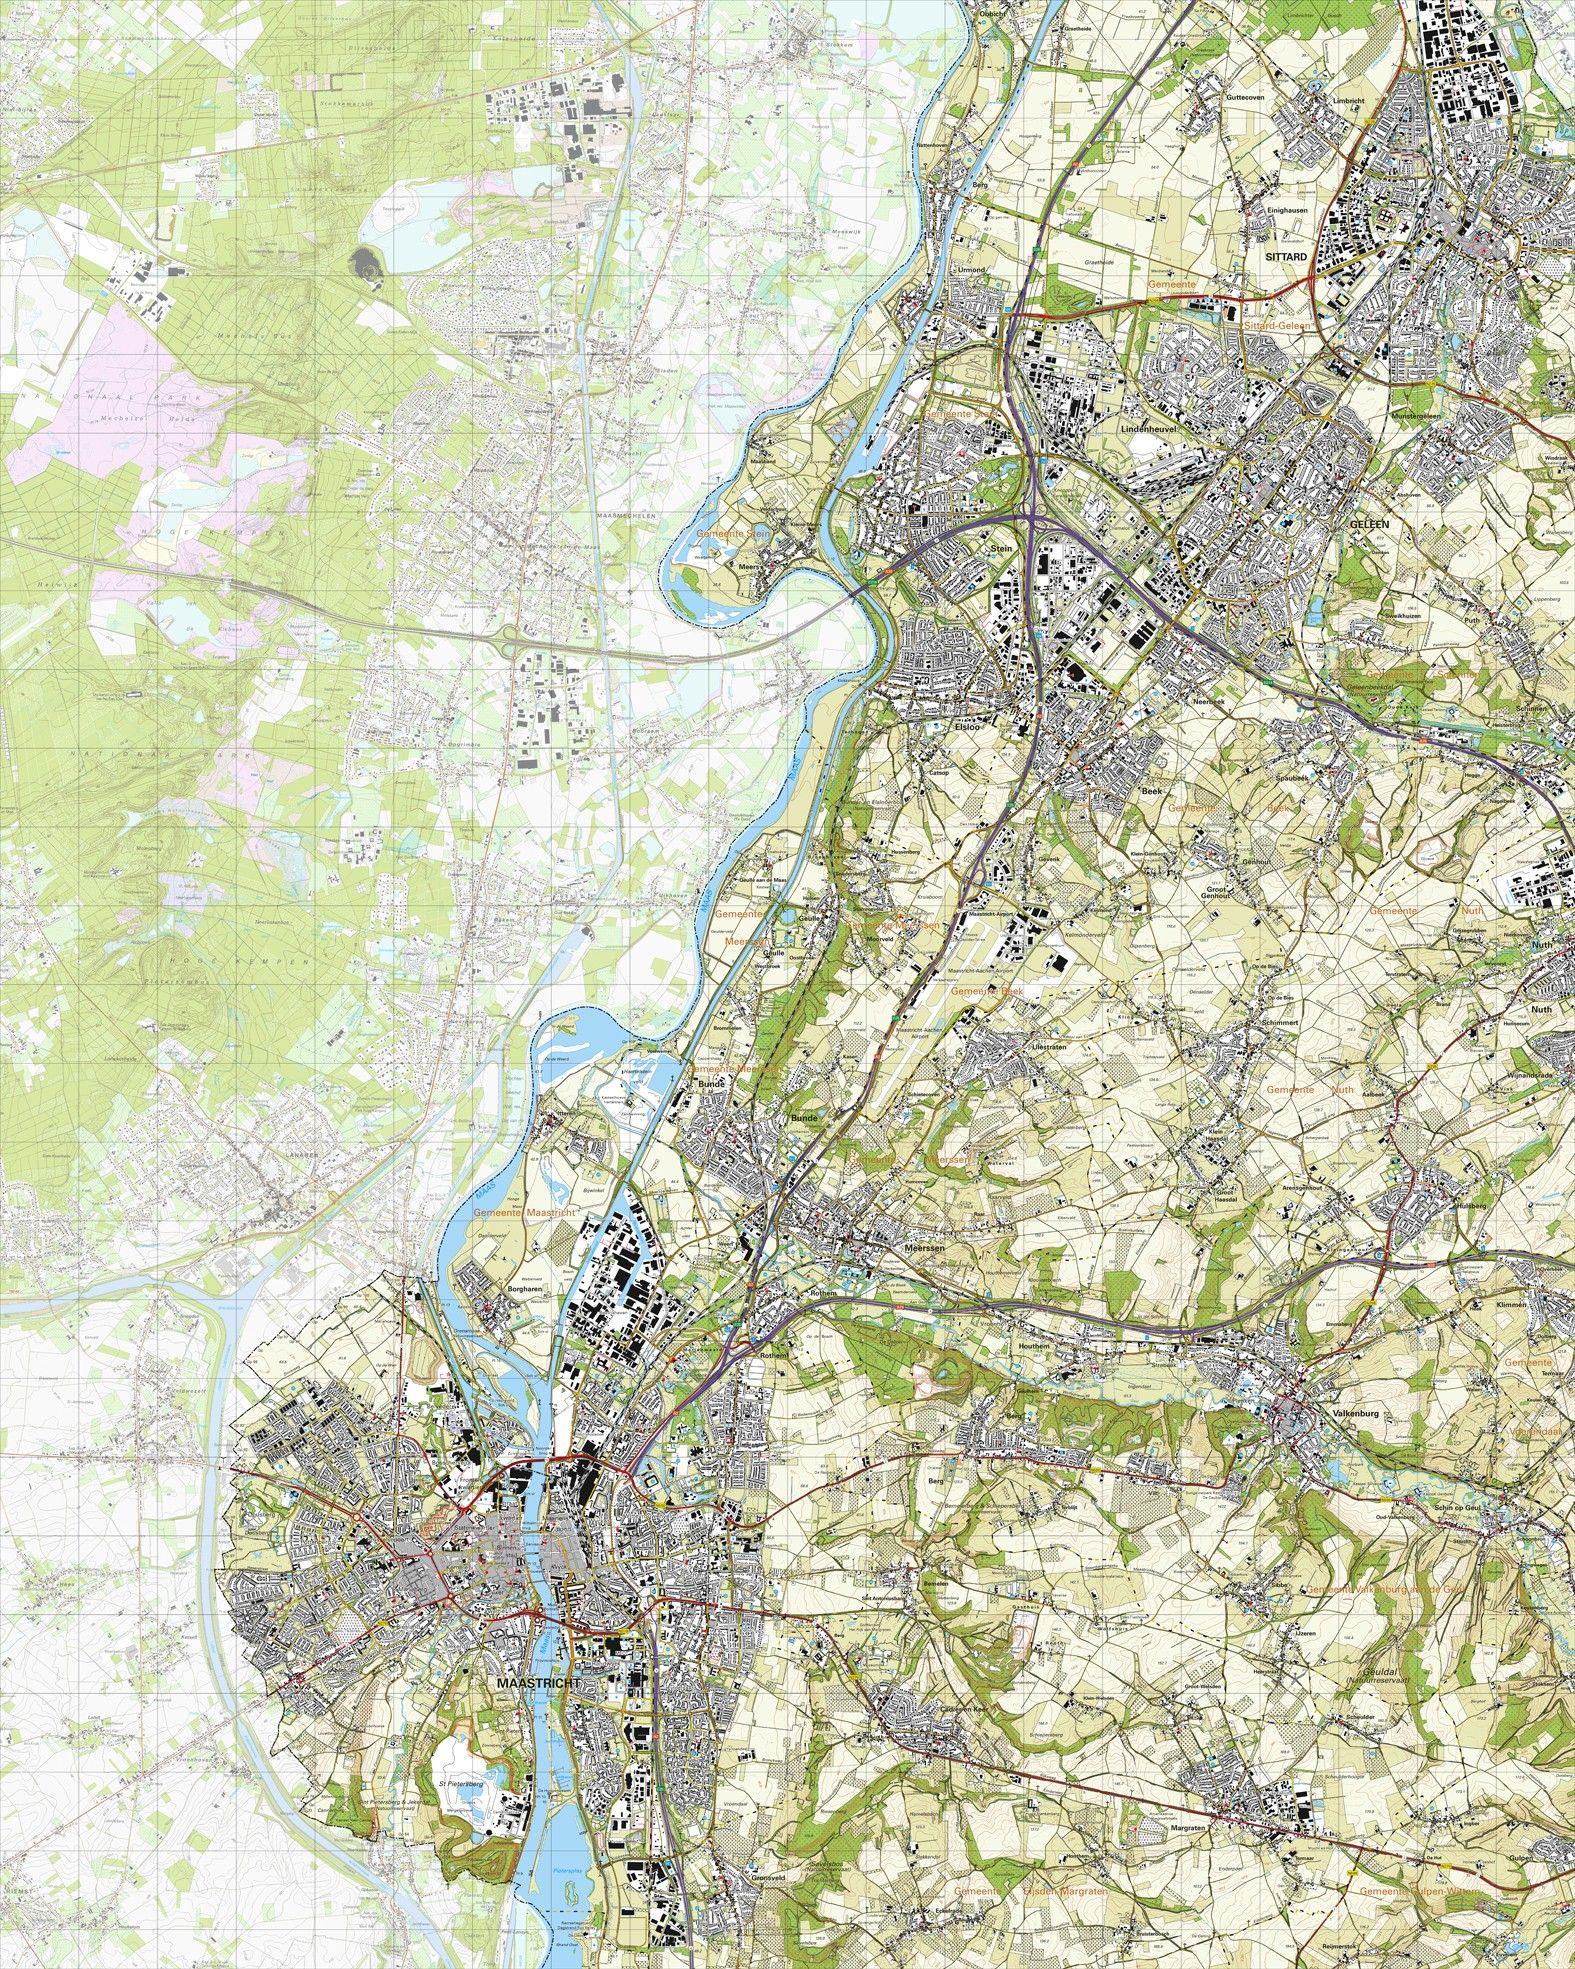 Koop Topografische kaart schaal 125000 Maastricht Meerssen